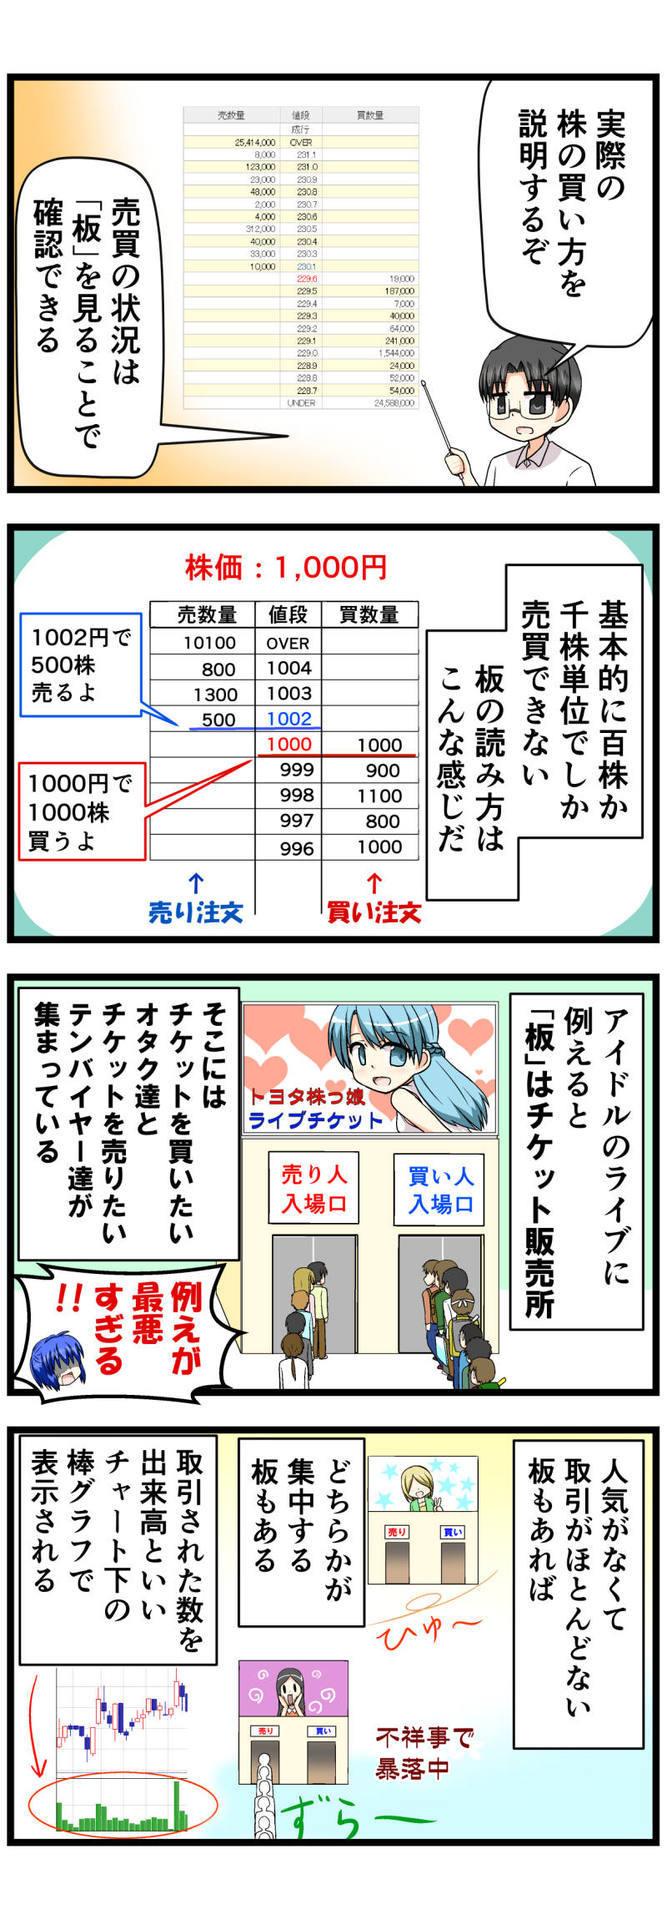 萌える株セミナー24.jpg